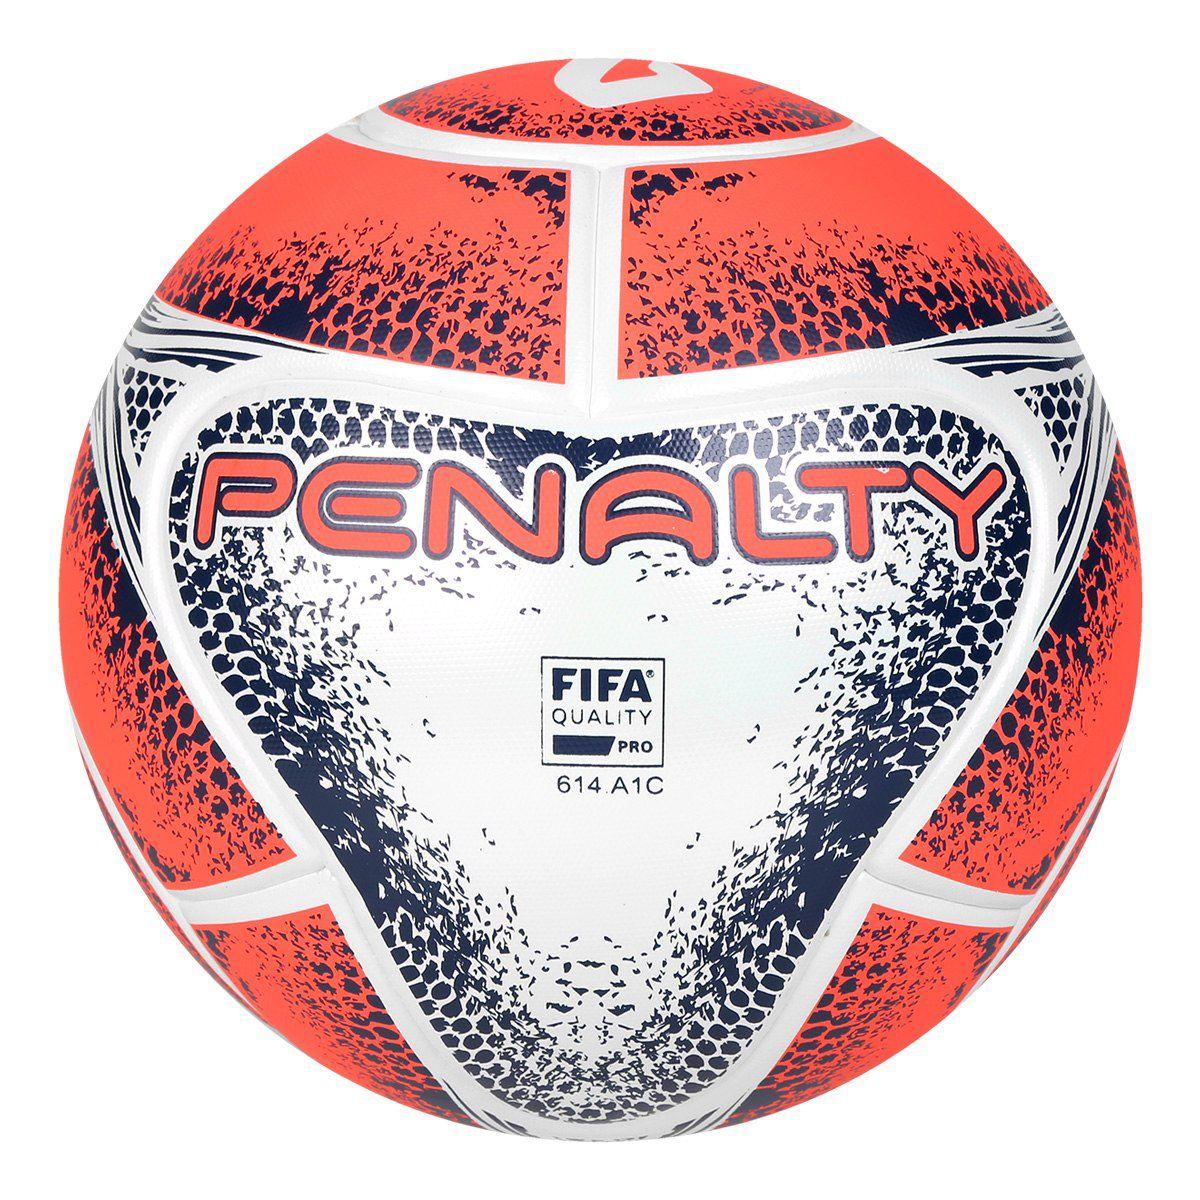 d306f0e73ca4e Energia Esportes - Bola Futsal Penalty Max 1000 8 Termotec